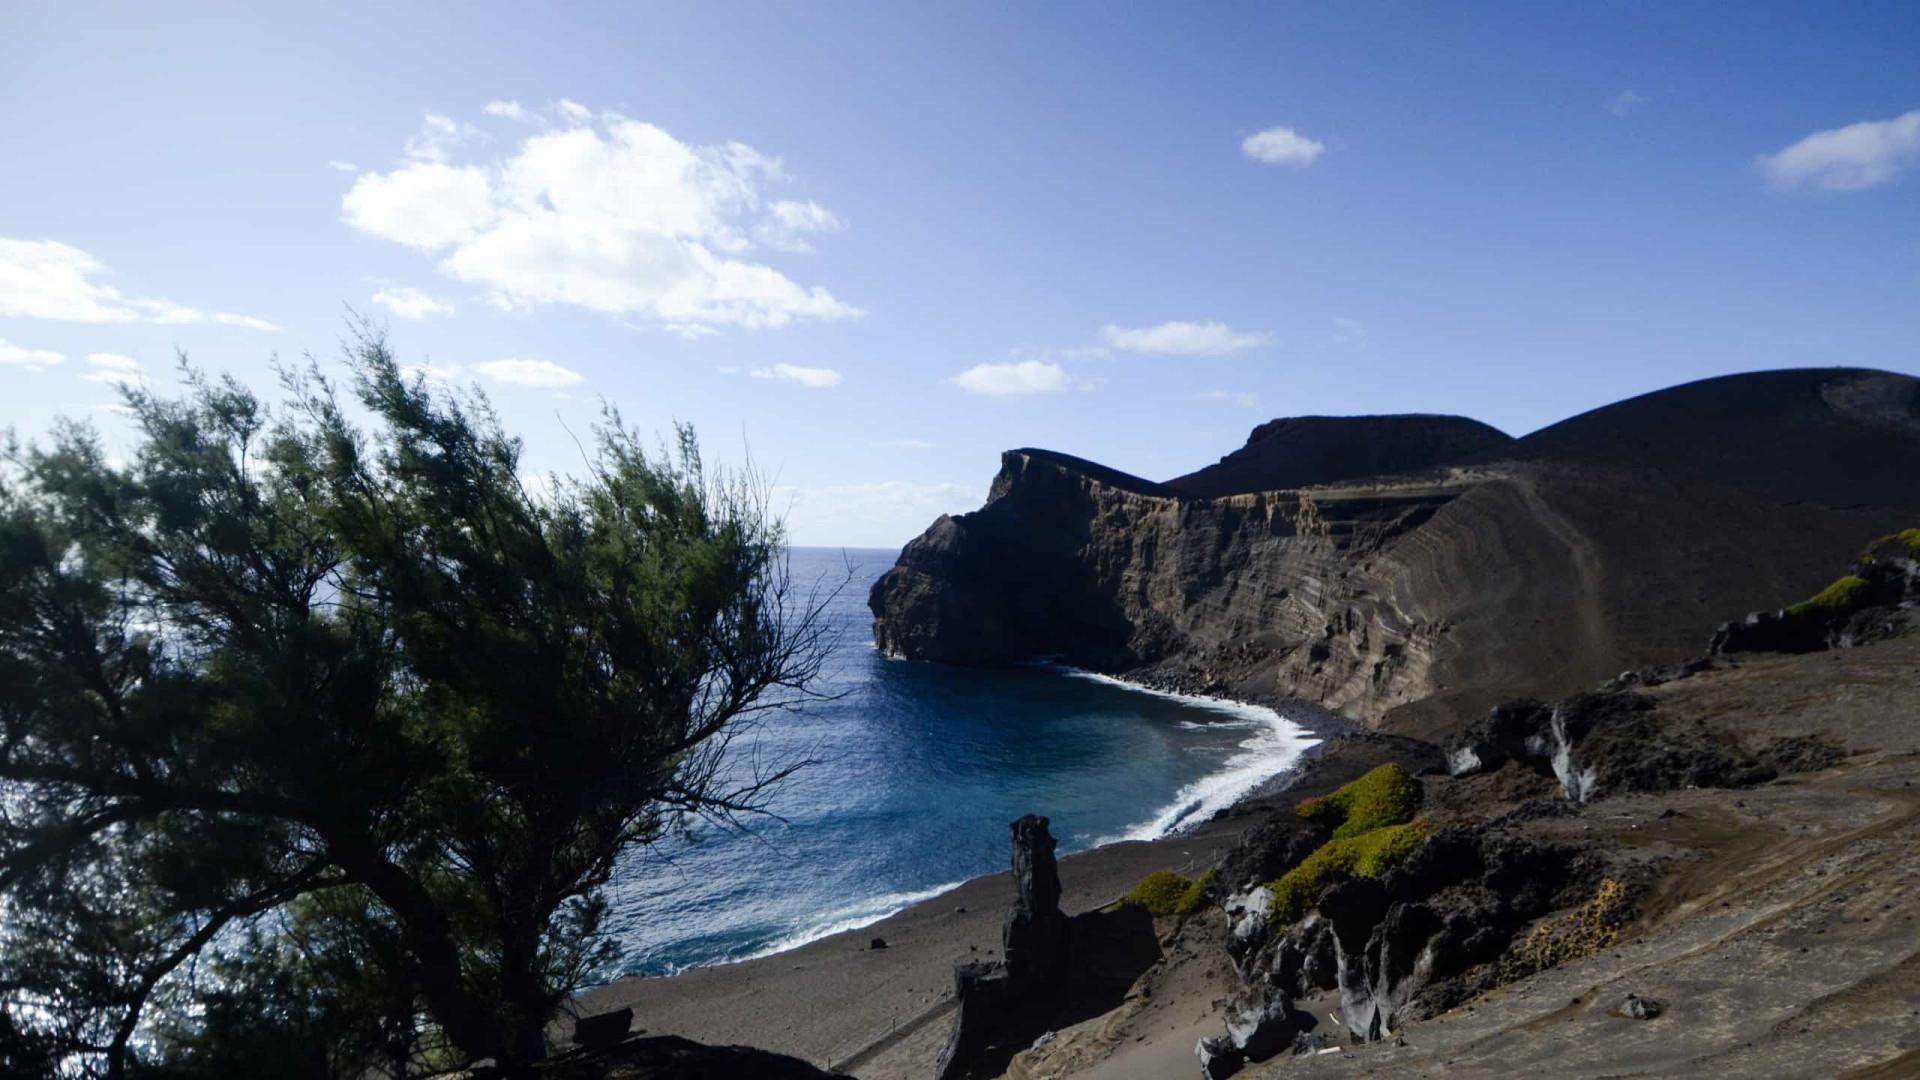 Furacão Ophelia: IPMA emite avisos amarelo e laranja para os Açores